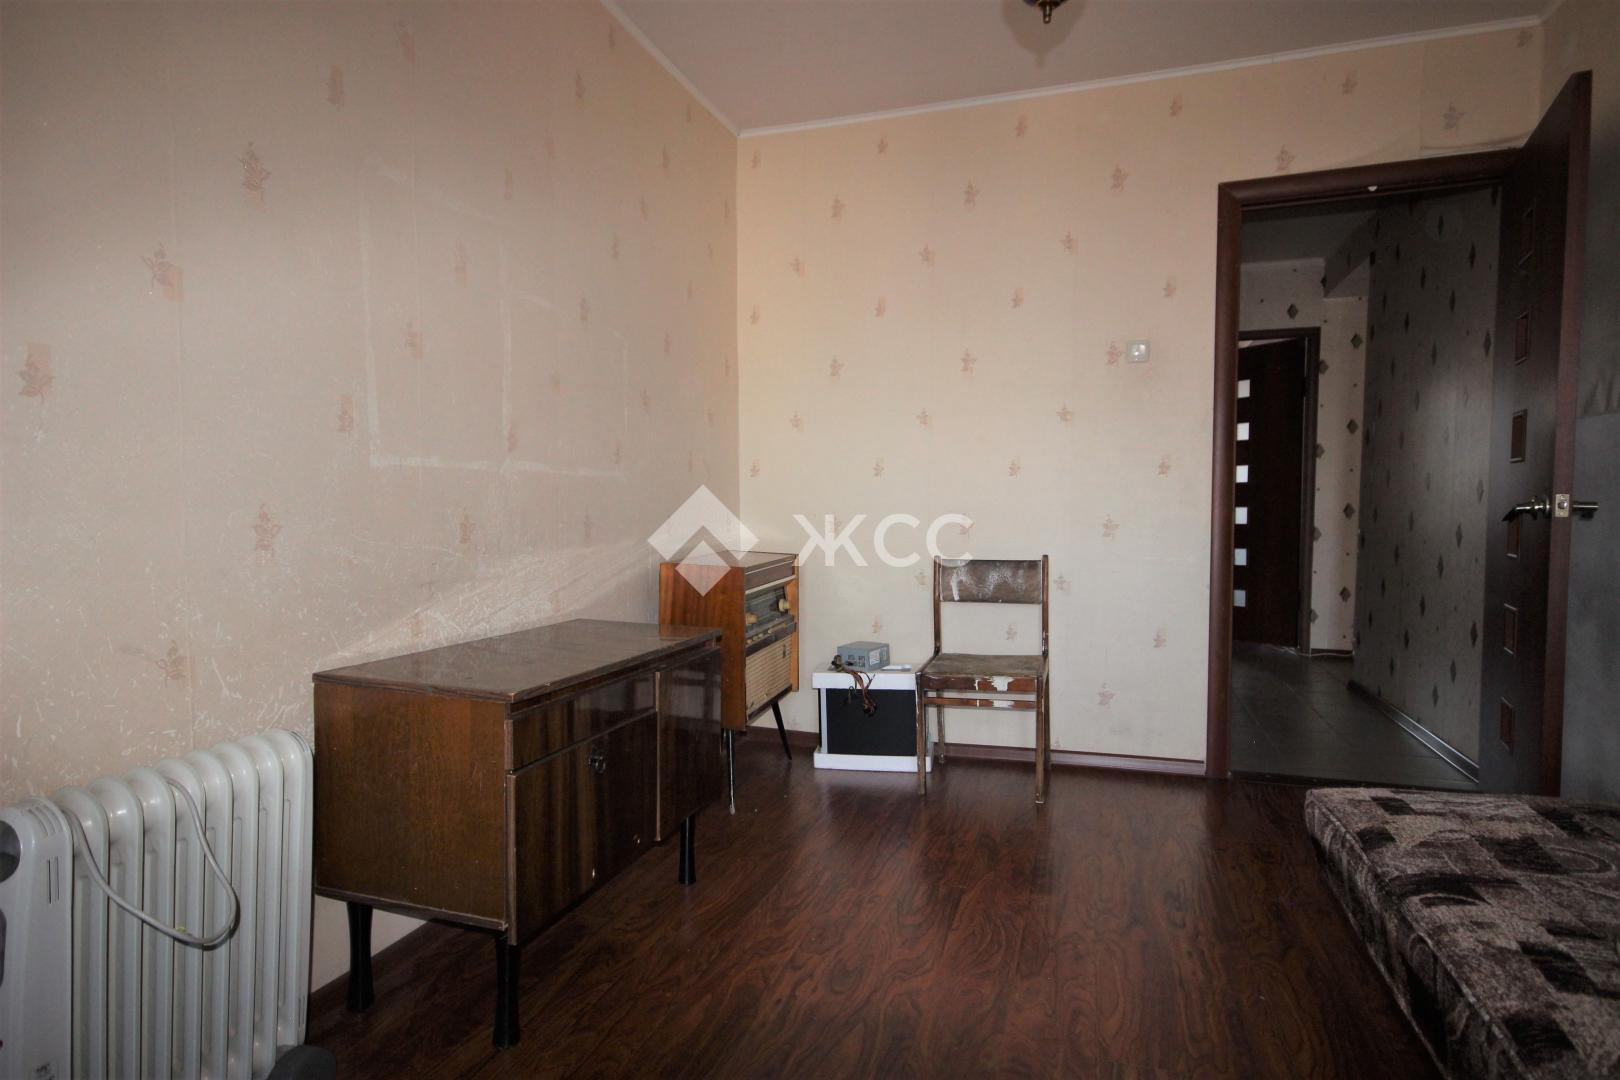 Квартира на продажу по адресу Россия, Московская область, Одинцовский городской округ, Лесной городок, Фасадная улица, 12